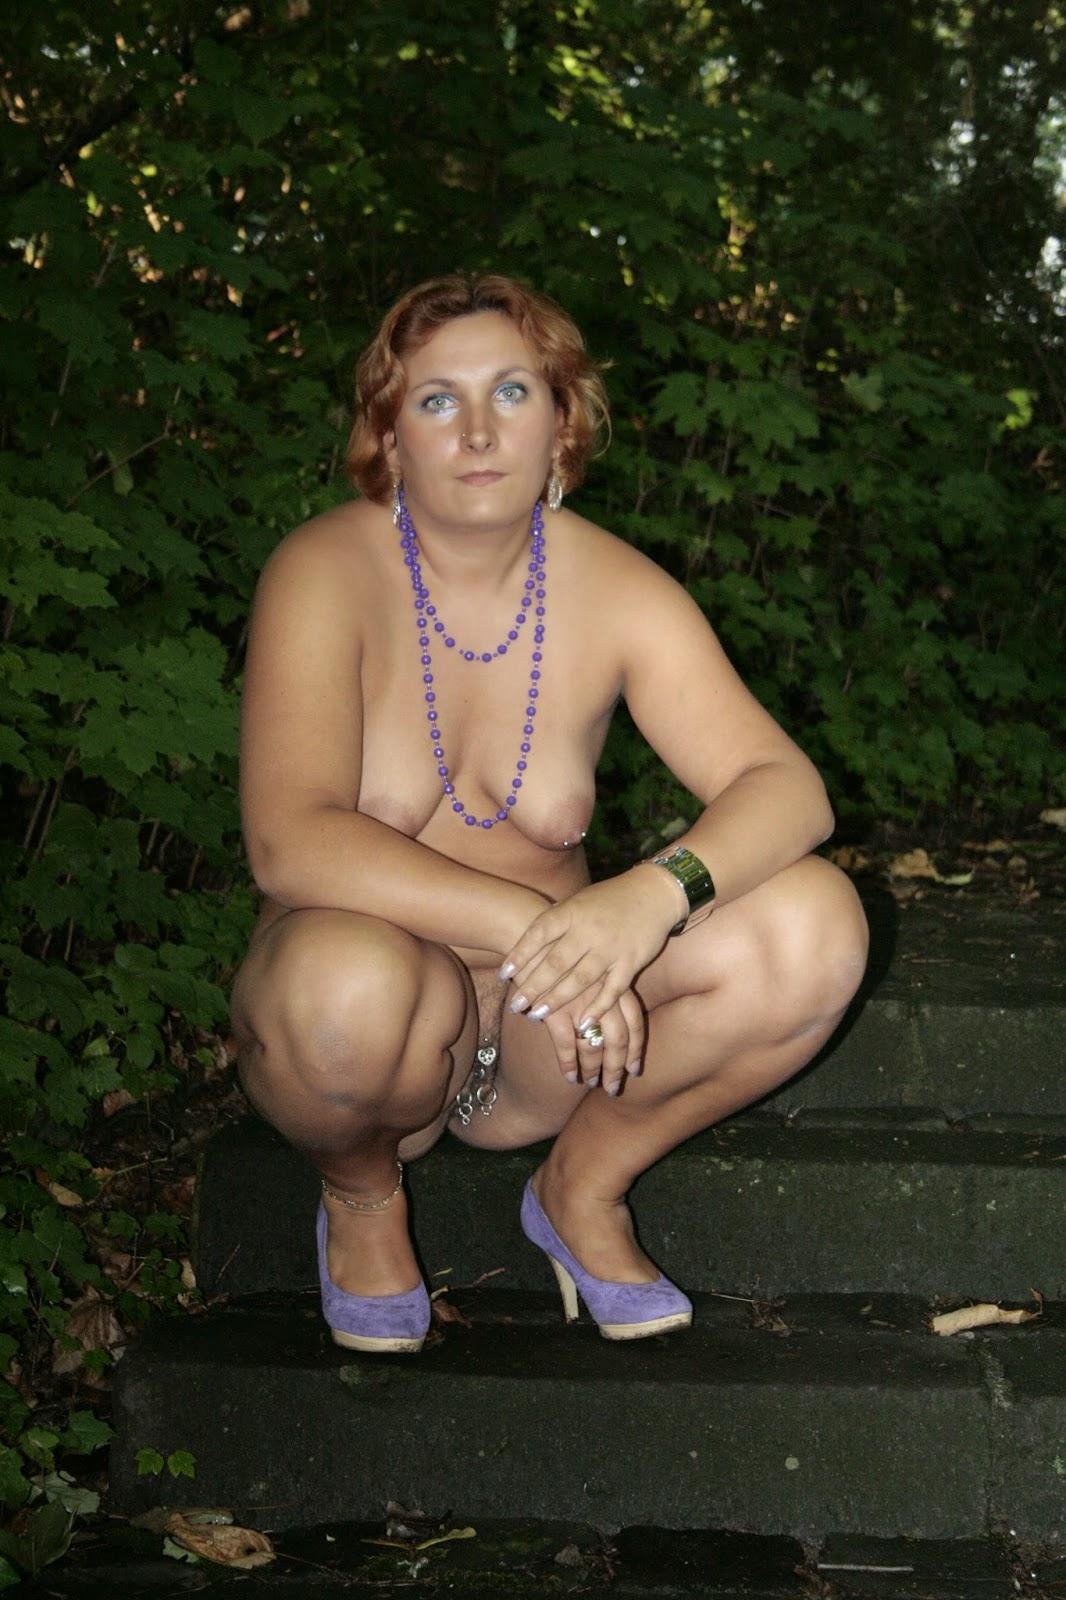 Naked Women On Blogspot 105